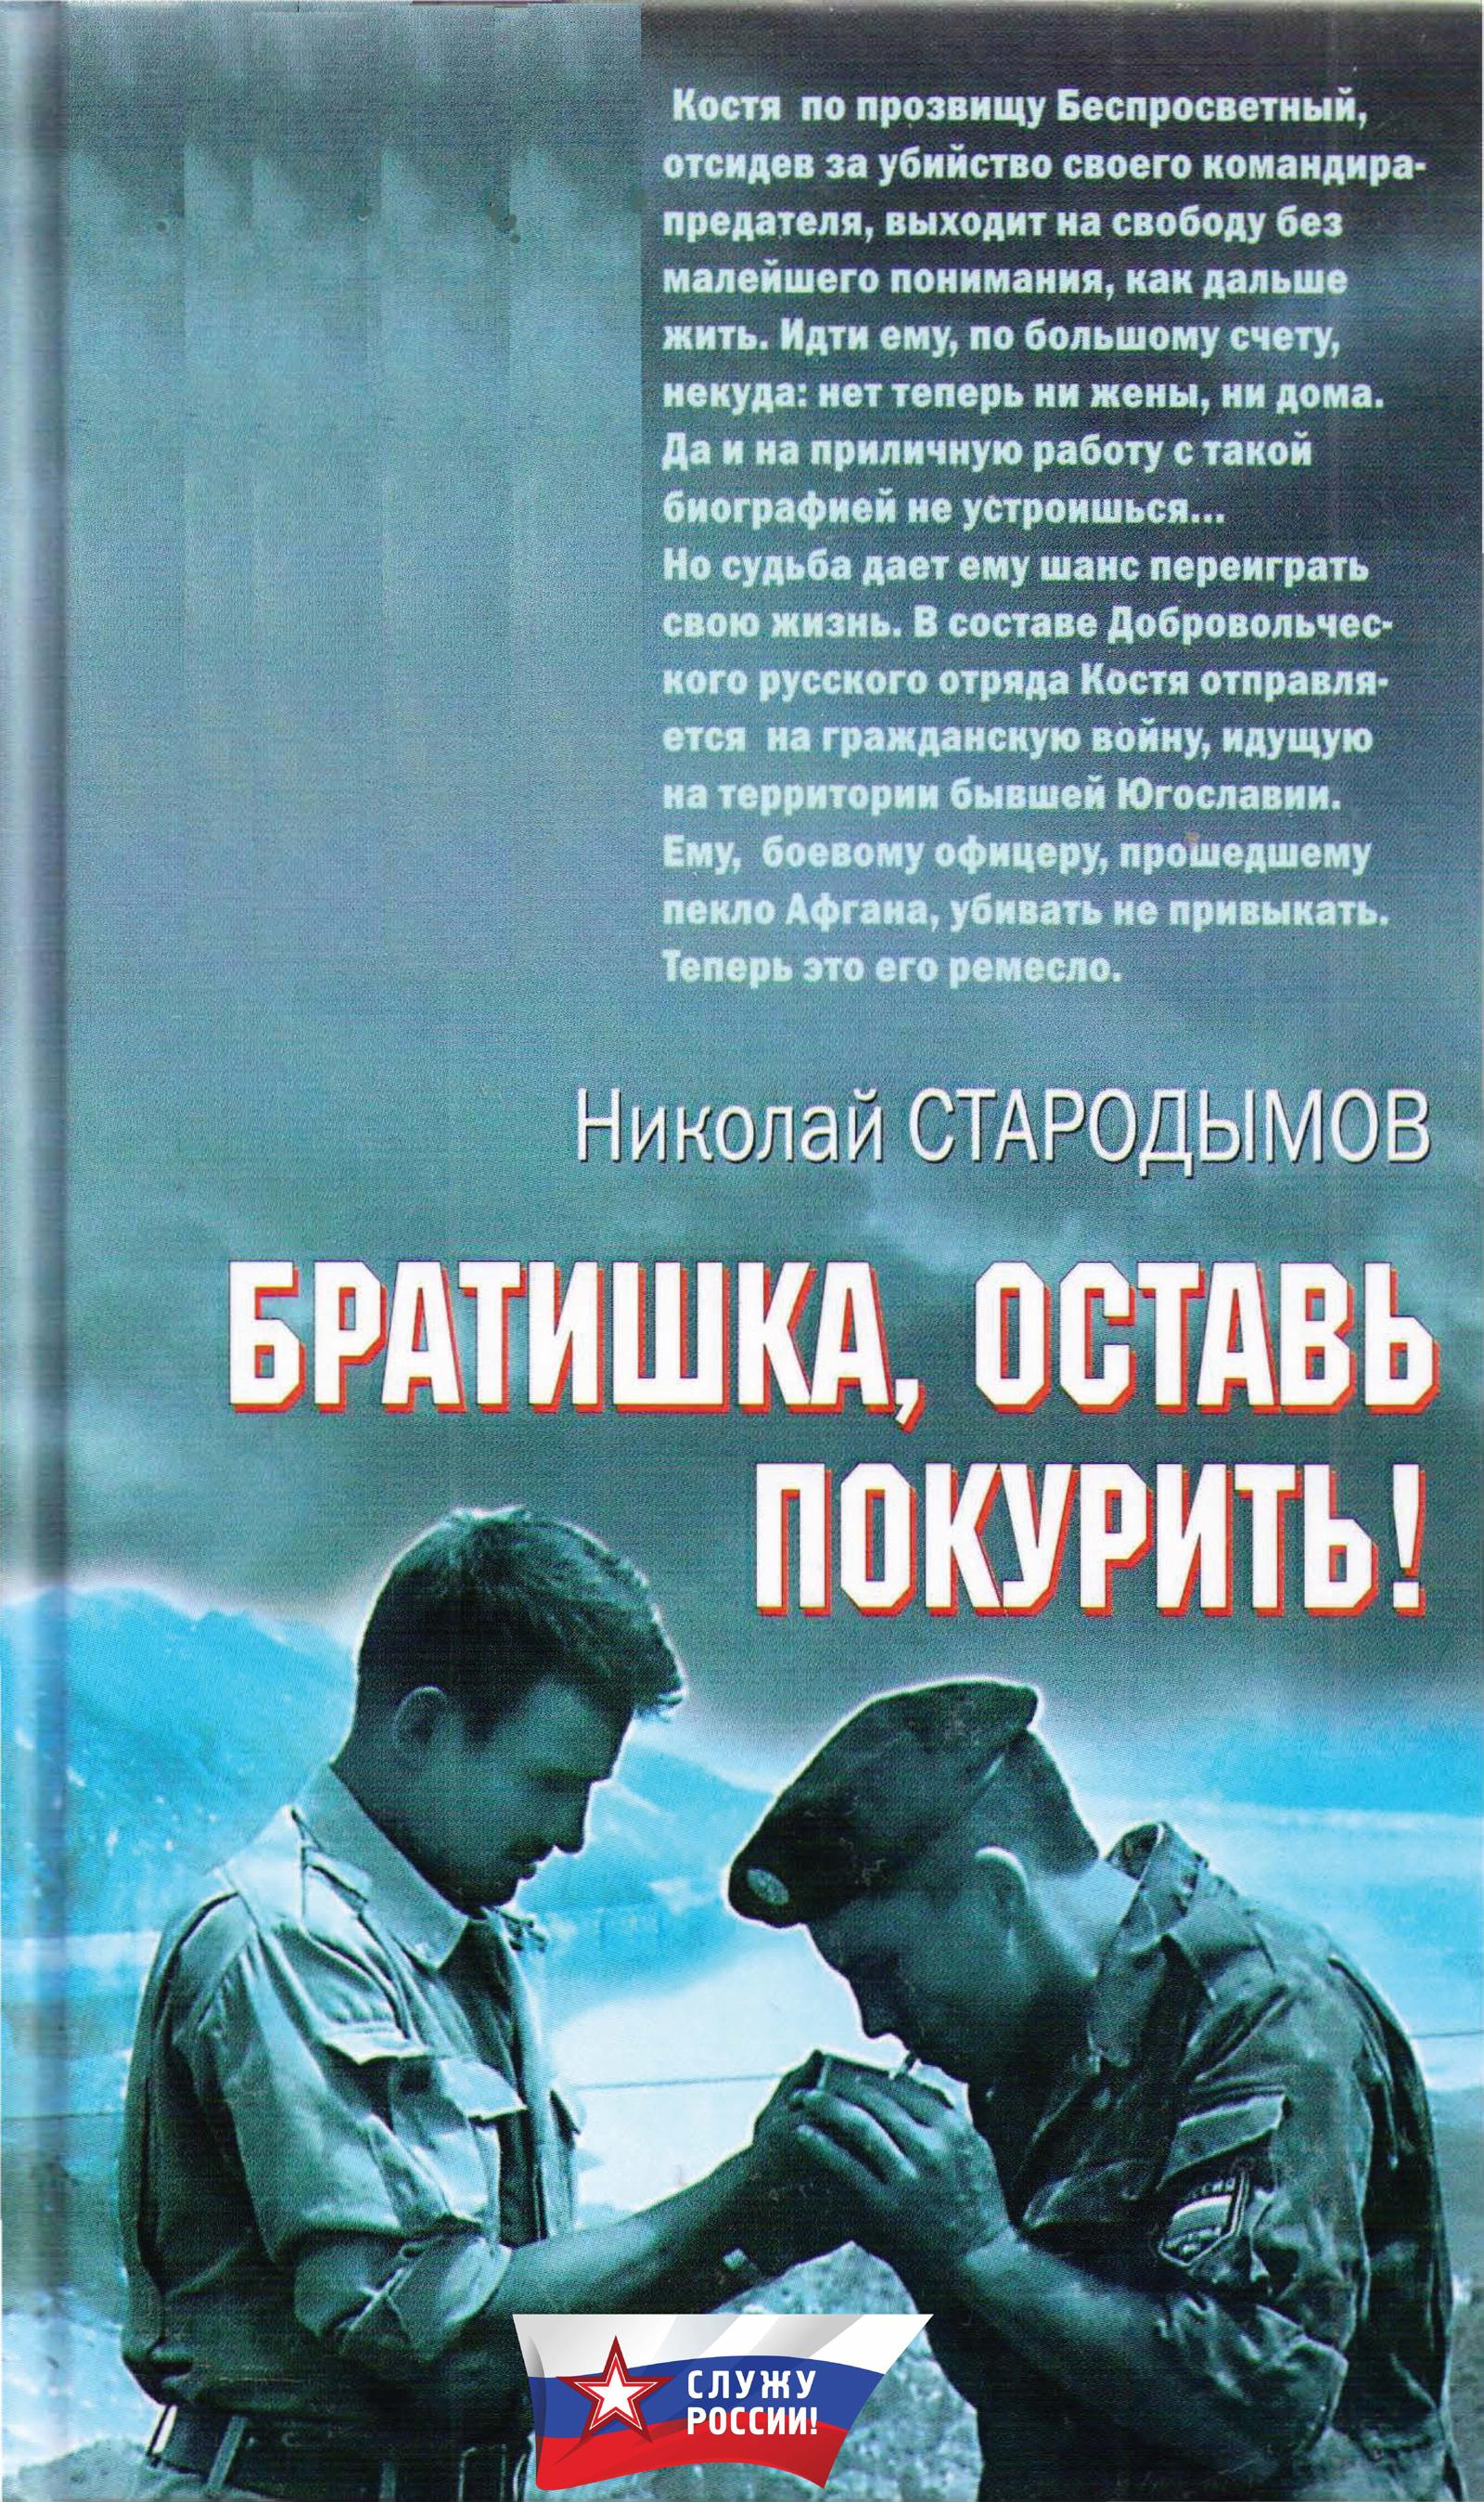 Николай Стародымов Братишка, оставь покурить! братишка